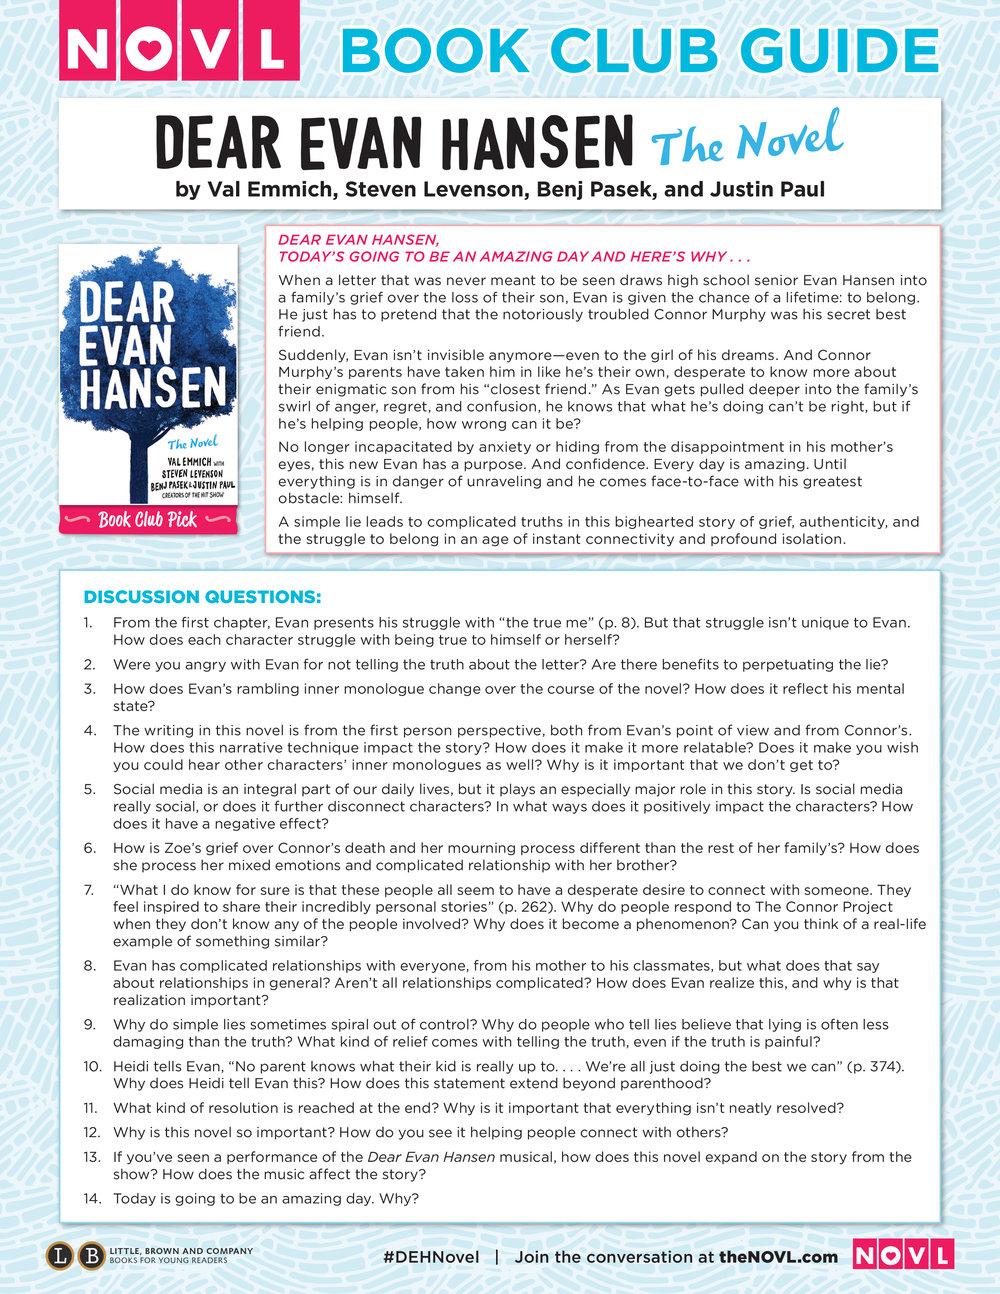 Dear Evan Hansen book club guide